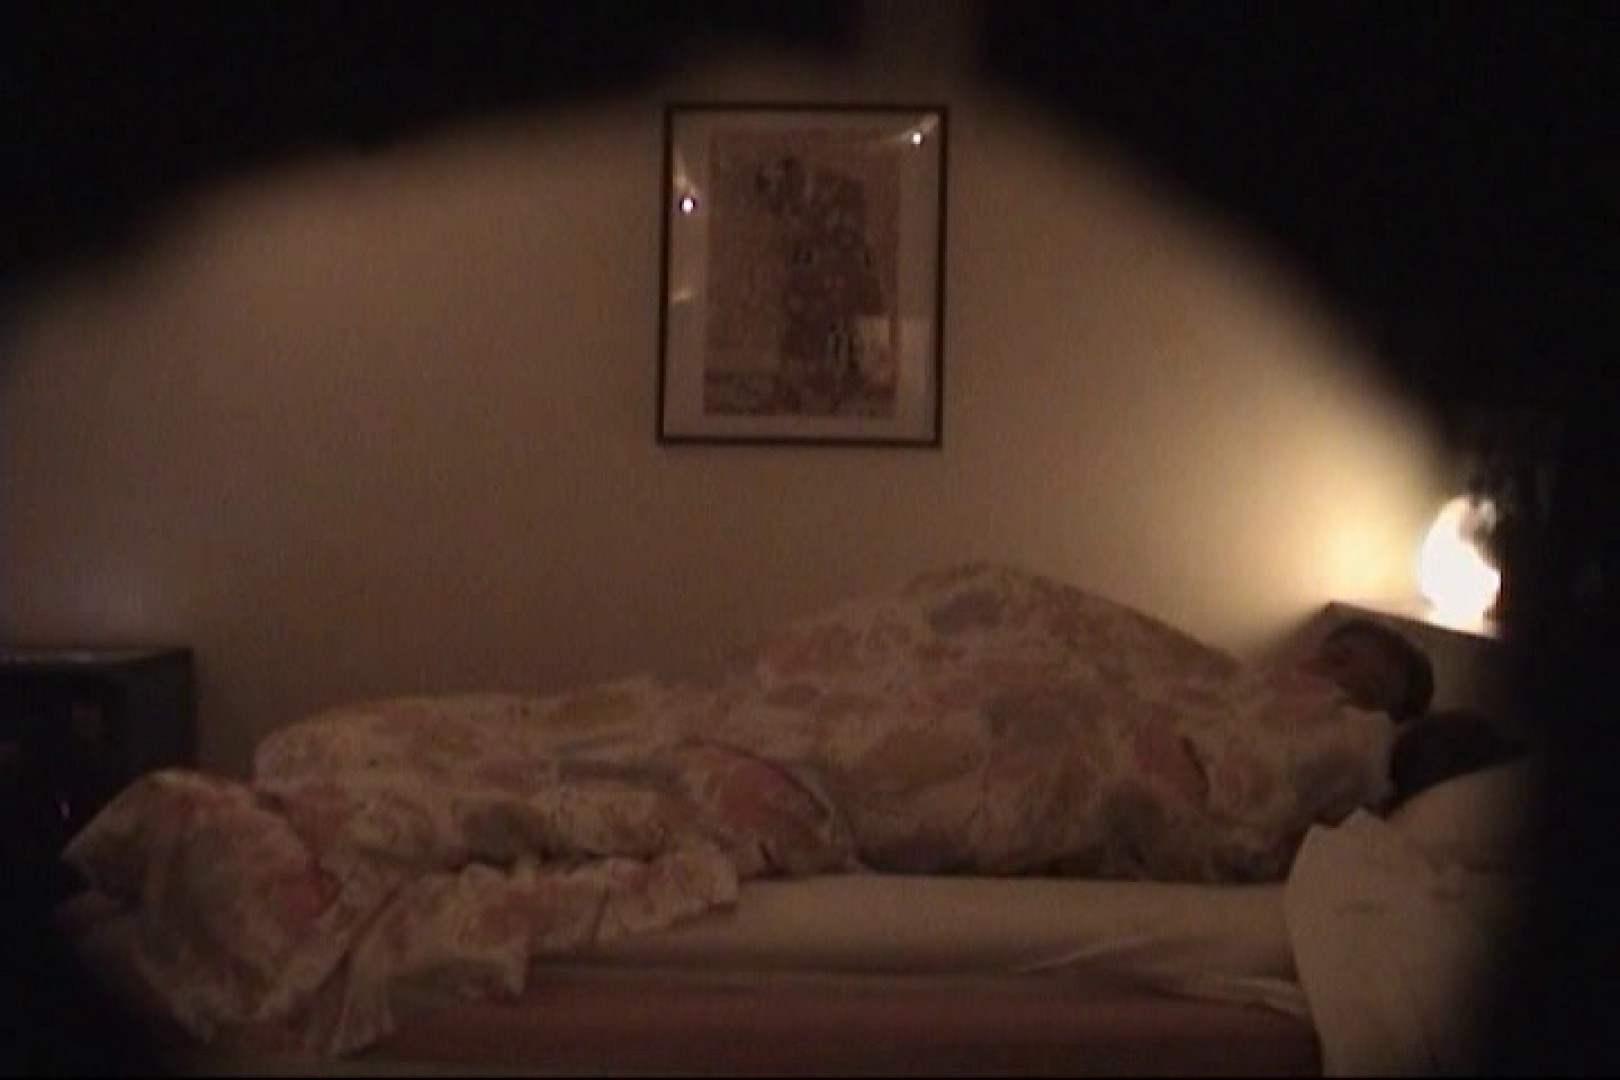 デリ嬢マル秘撮り本物投稿版④ ホテル オメコ無修正動画無料 100pic 15